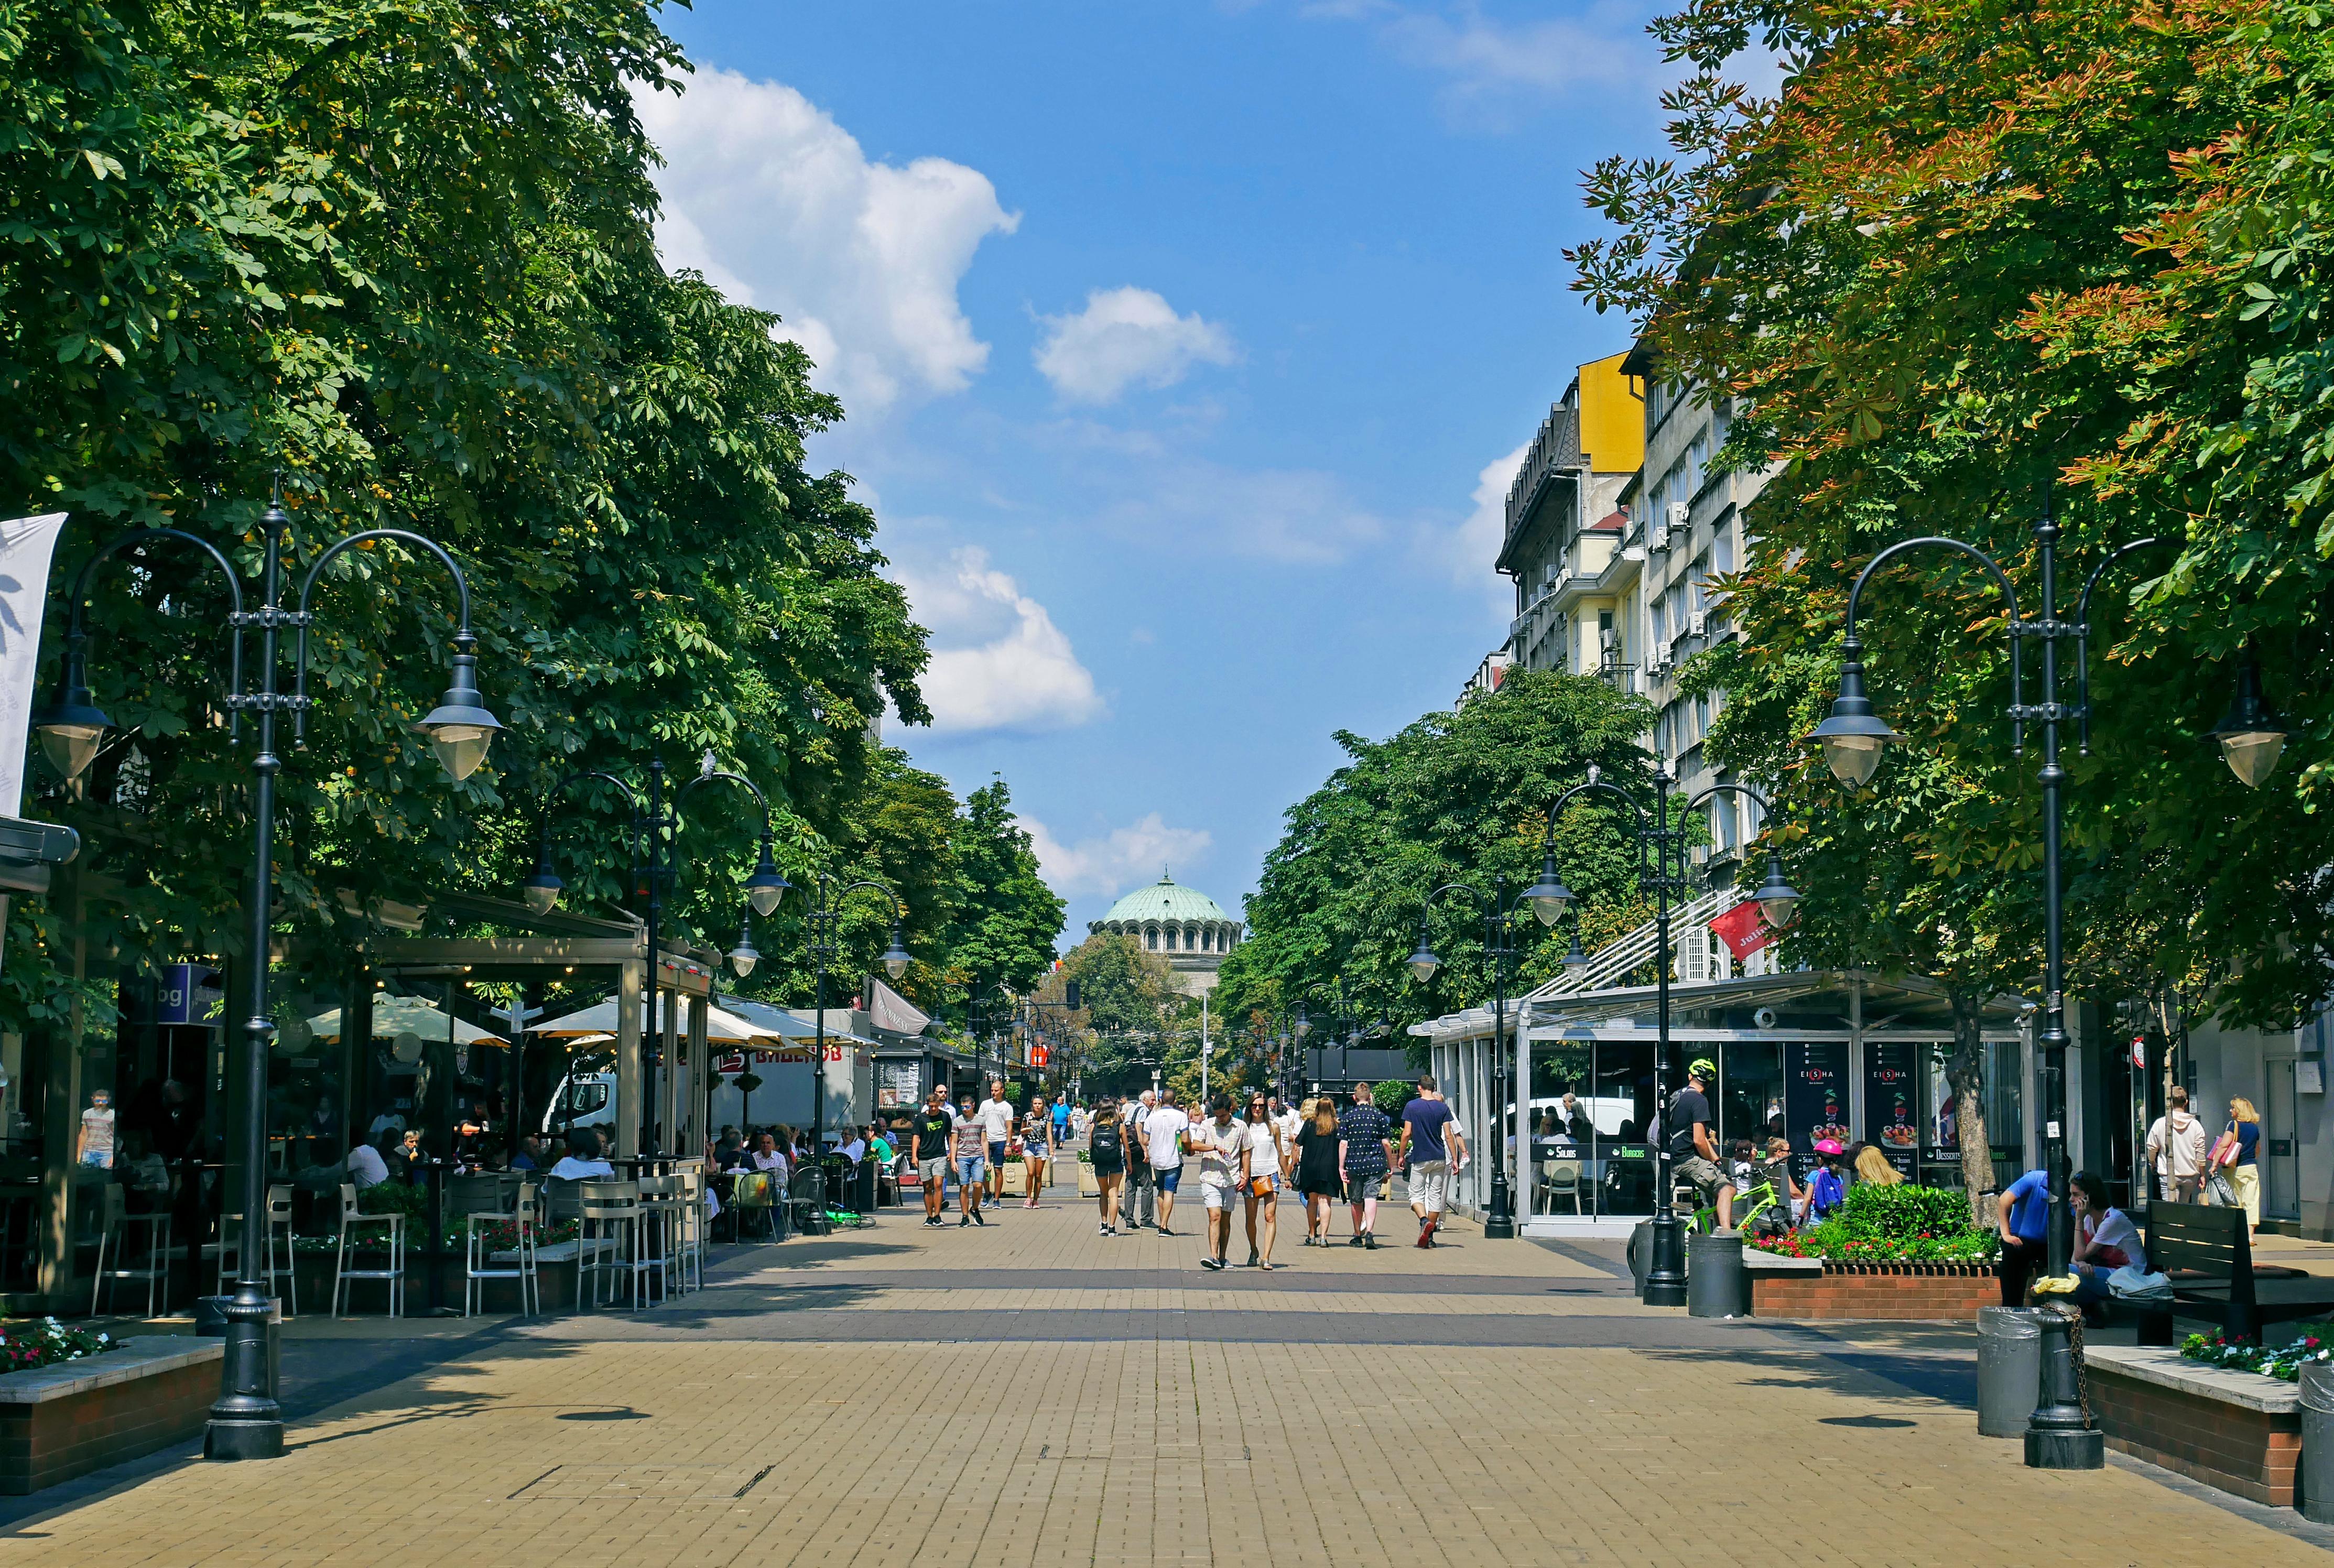 <p>Столичният булевард &bdquo;Витоша&ldquo; се изкачи в класация за най-скъпите улици в Европа според листа на американска компания за недвижими имоти. С месечен наем от 56 евро за квадратен метър софийската търговска улица достигна 46-о място в проучването, придвижвайки се с едно място по-нагоре спрямо миналогодишното класиране. Изследването обхваща 448 търговски дестинации в 68 страни по света.</p>